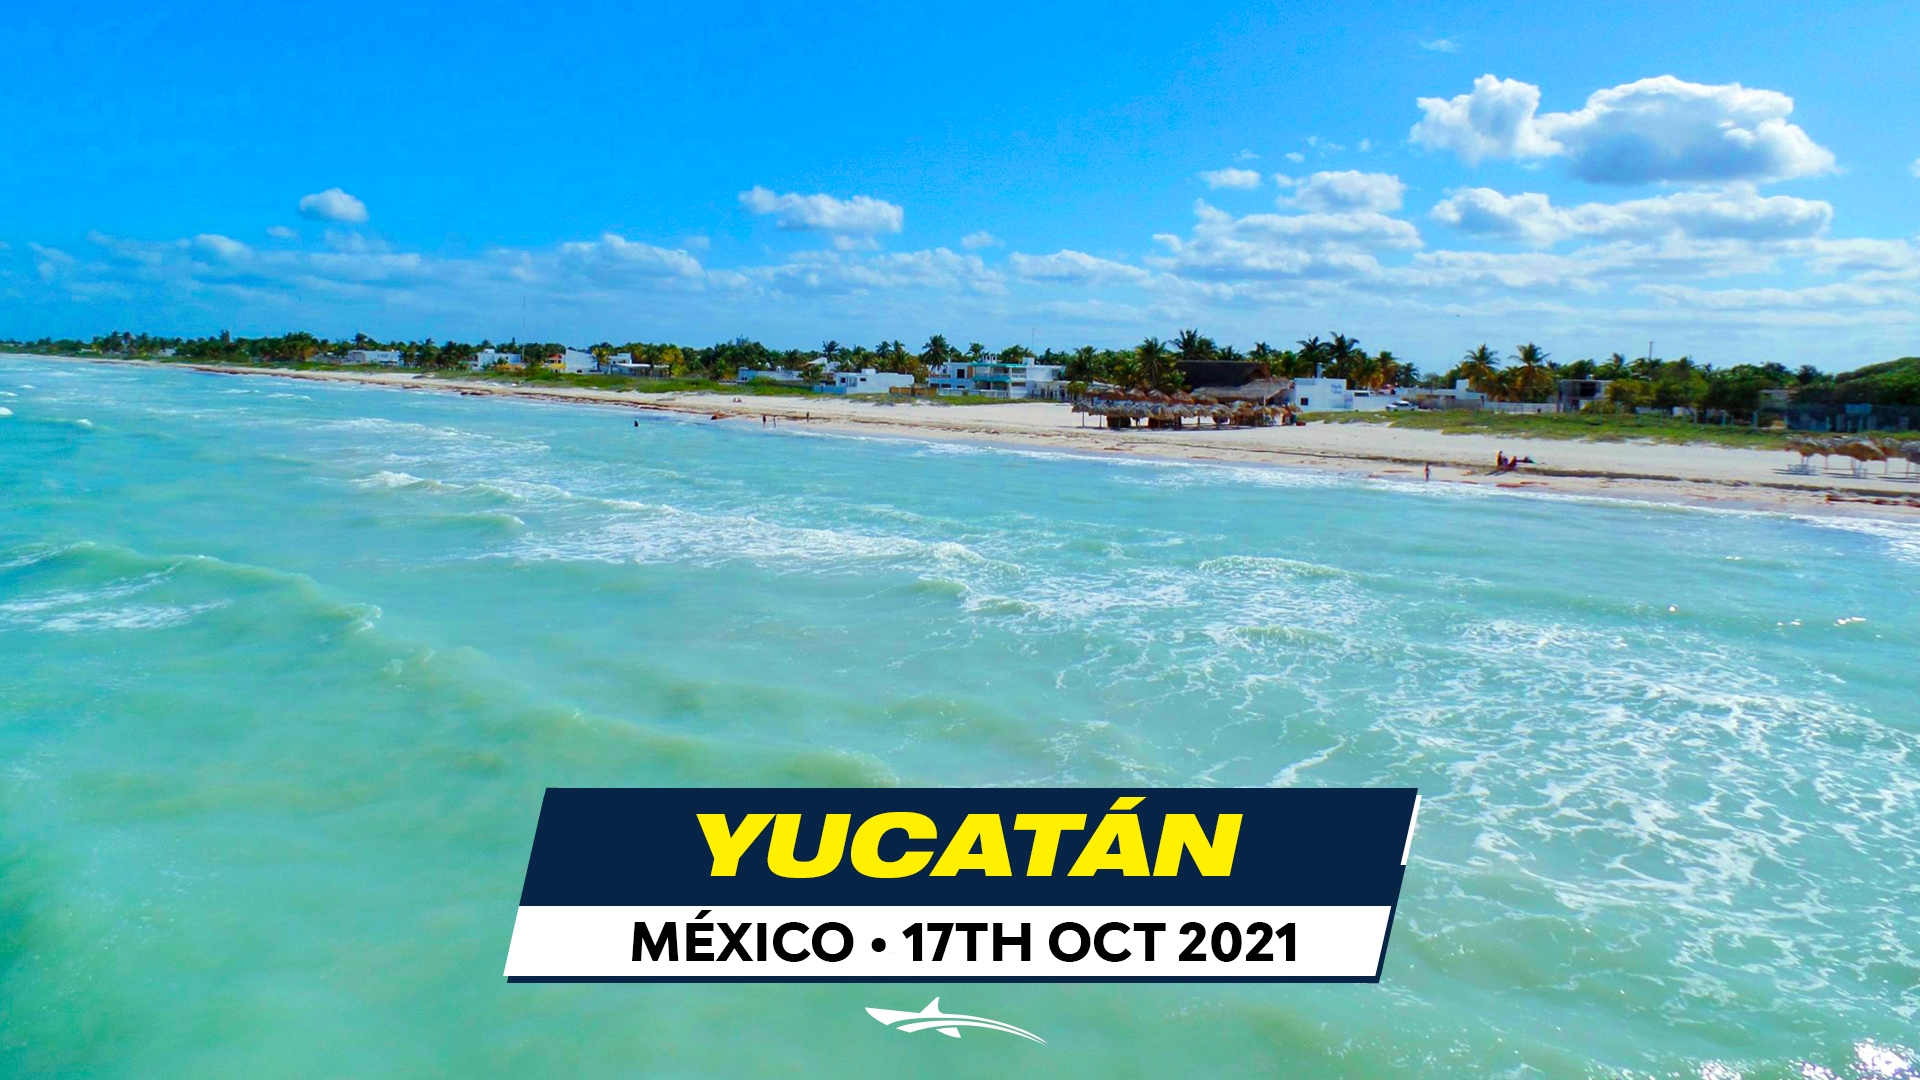 OCEANMAN YUCATÁN - MEXICO 2021